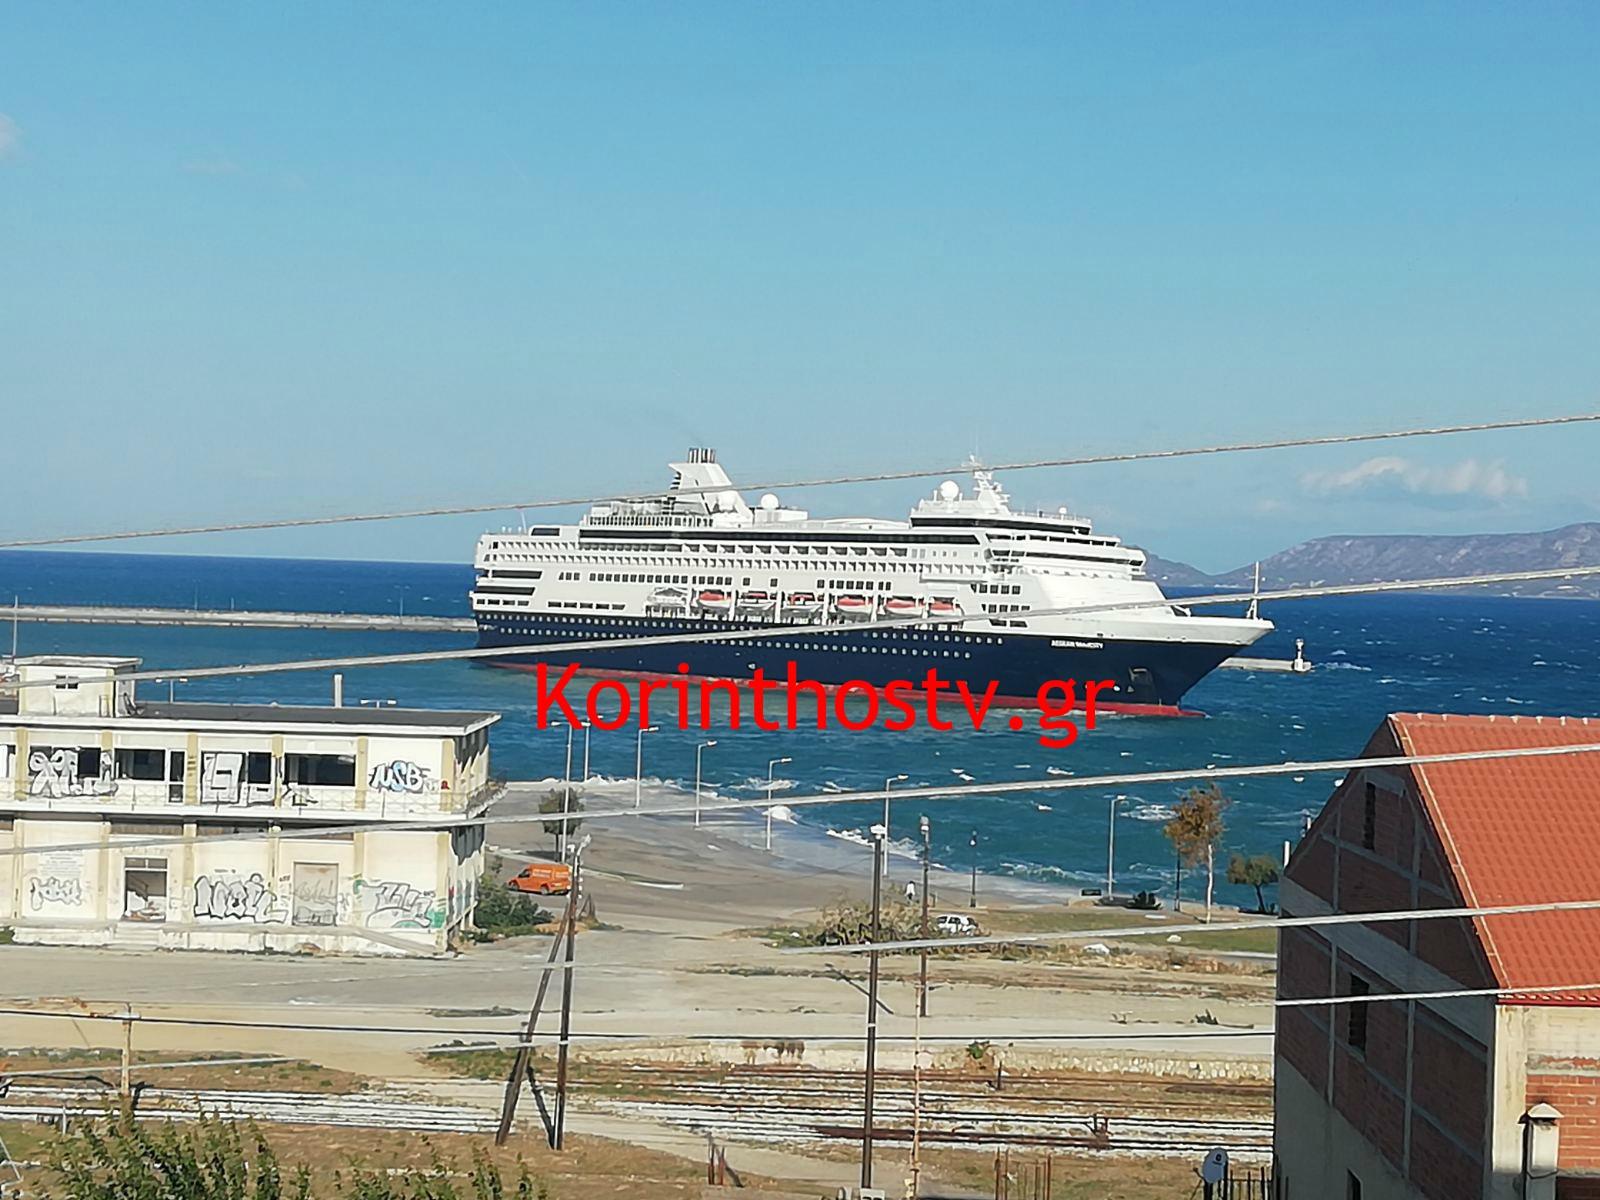 Κόρινθος: Οι άνεμοι έβγαλαν έξω από το λιμάνι το κρουαζιερόπλοιο! Δείτε το σημείο που κόλλησε (Βίντεο)